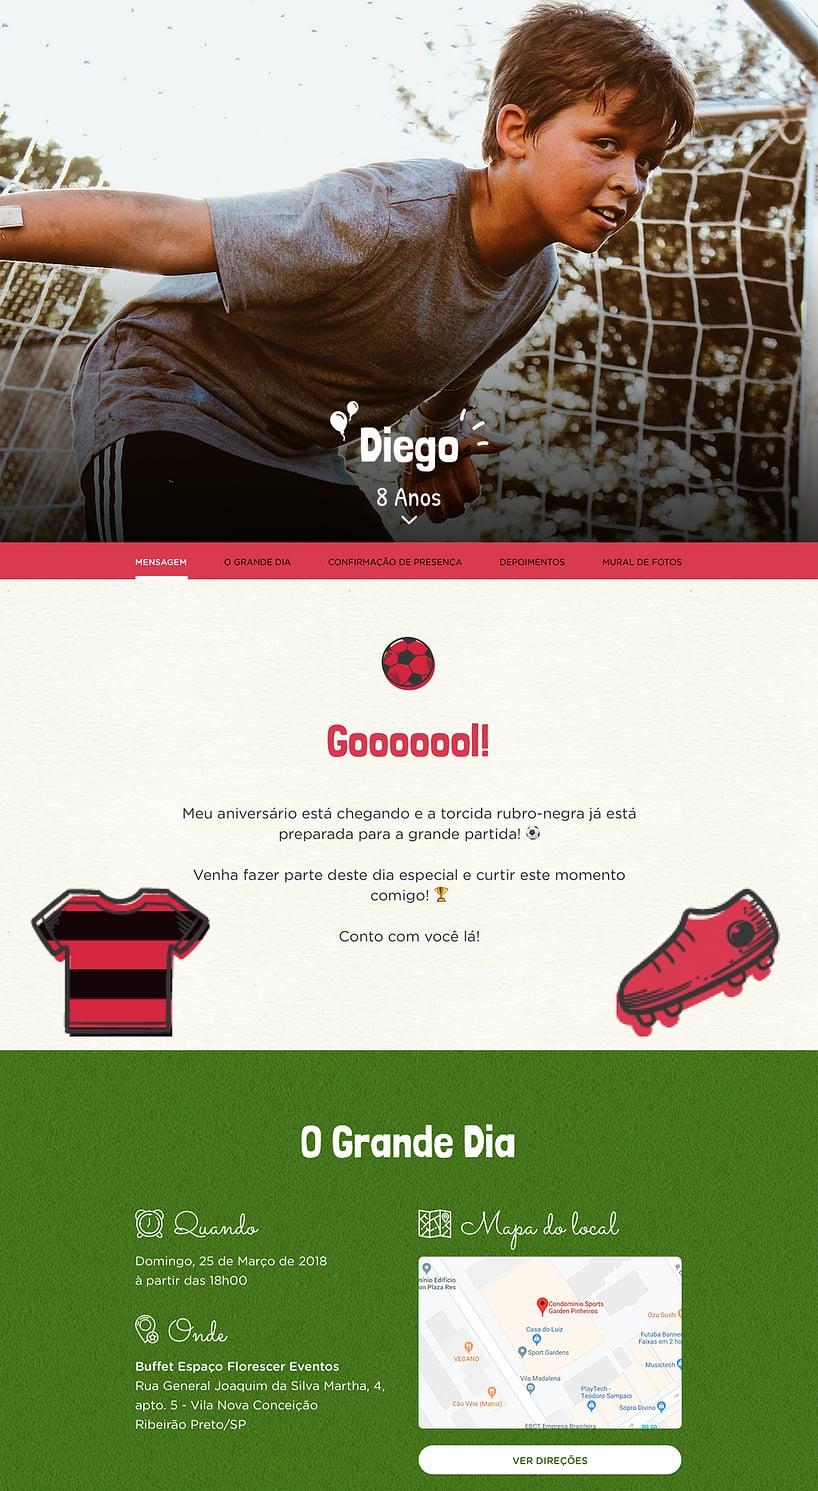 Vibe de Aniversario - Flamengo